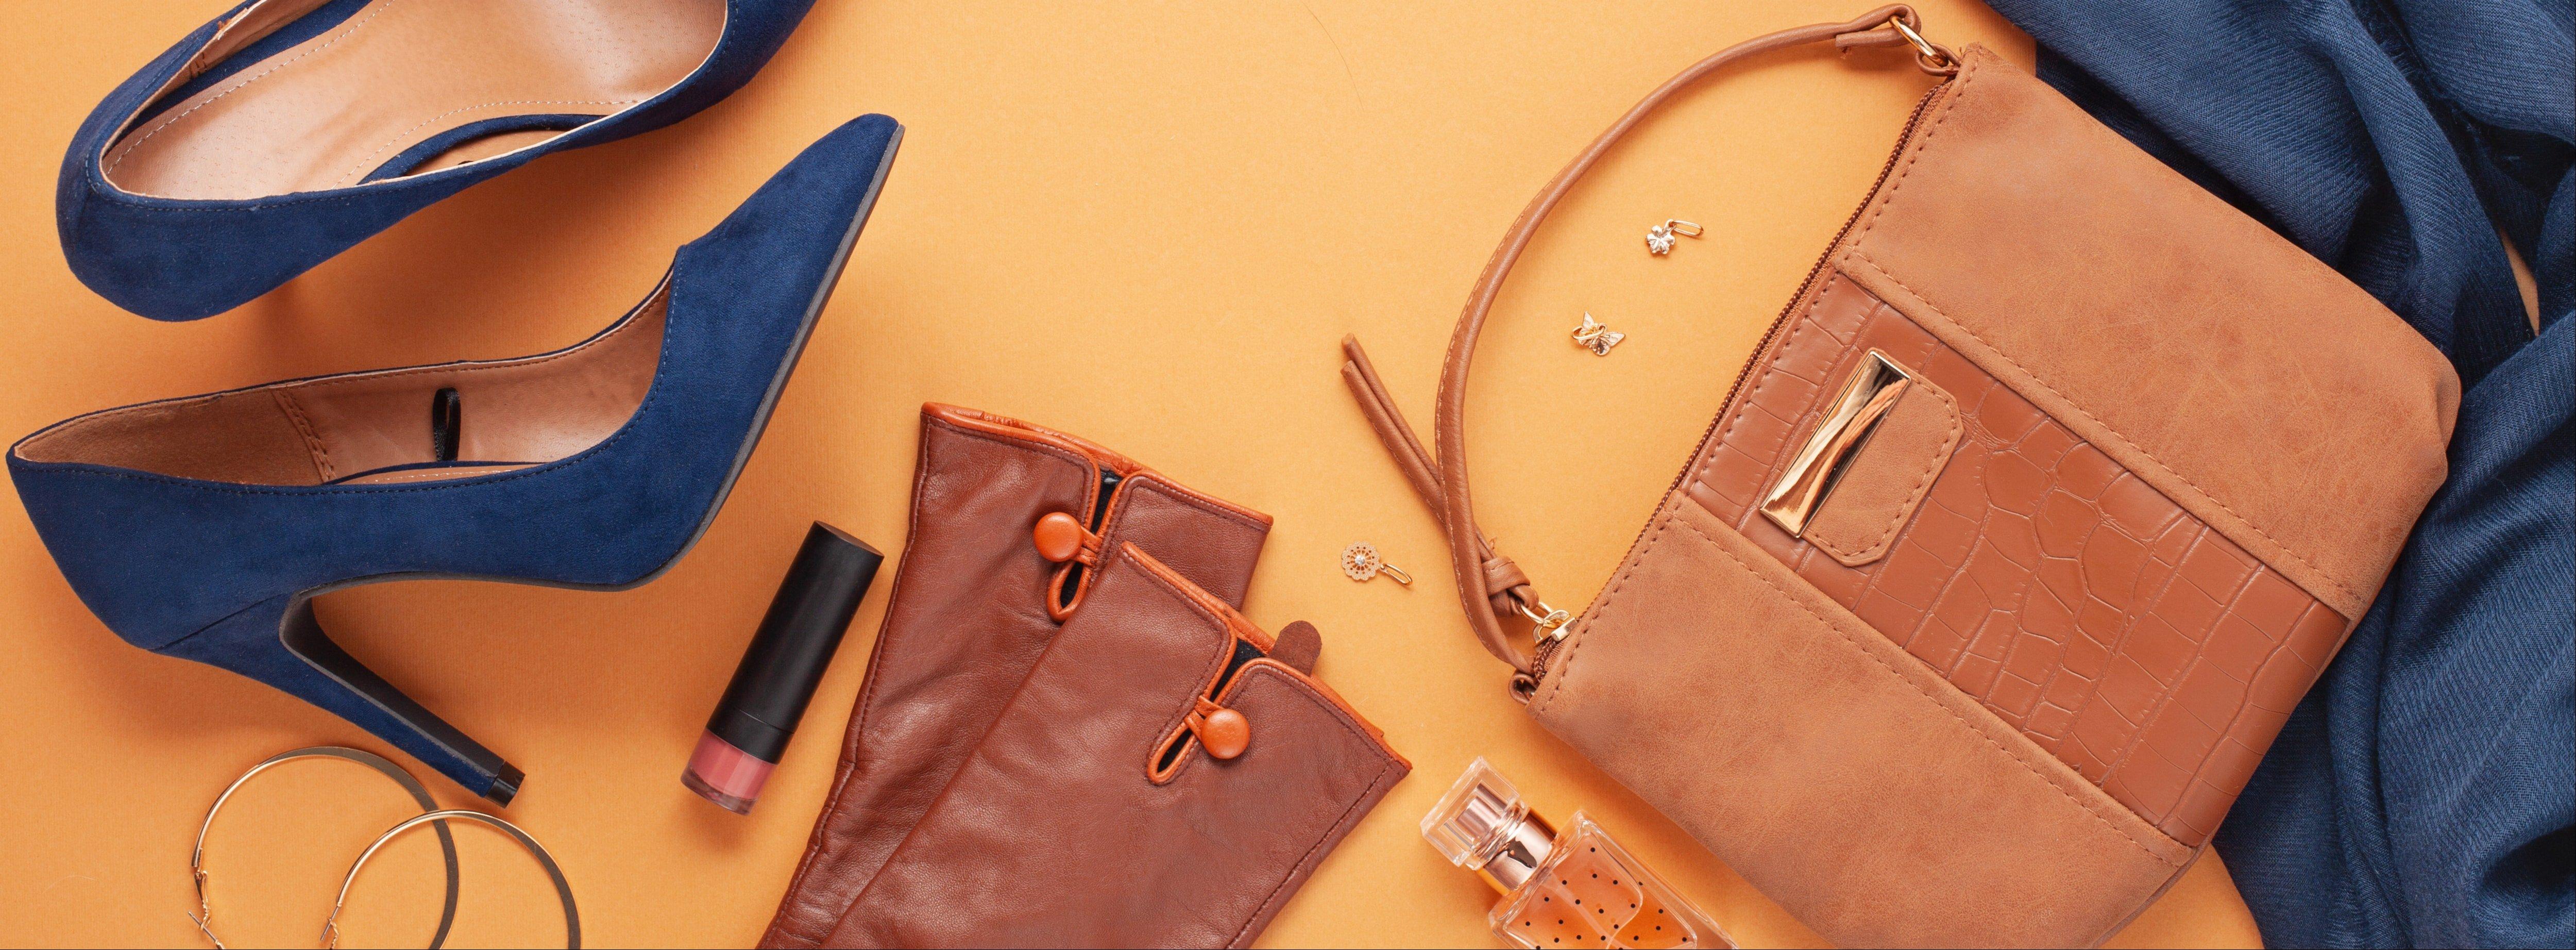 Baget Çantalar: El ve Omuz İçin Kullanımı Konforlu ve Trende Uygun!